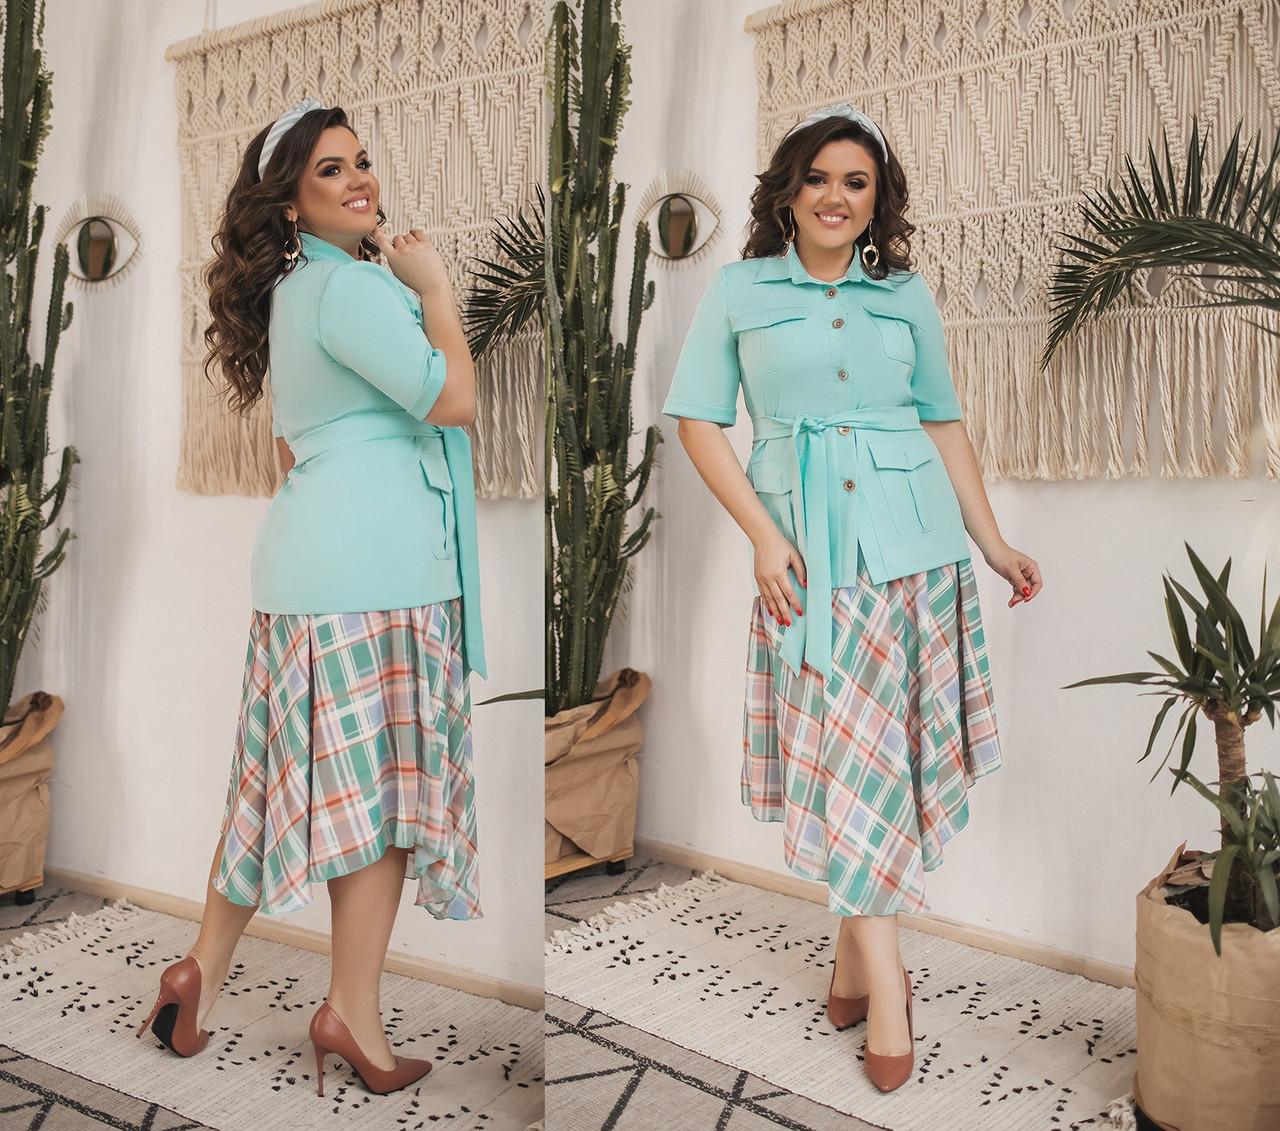 Женский летний юбочный костюм двойка большого размера.Размеры:48-58.+Цвета